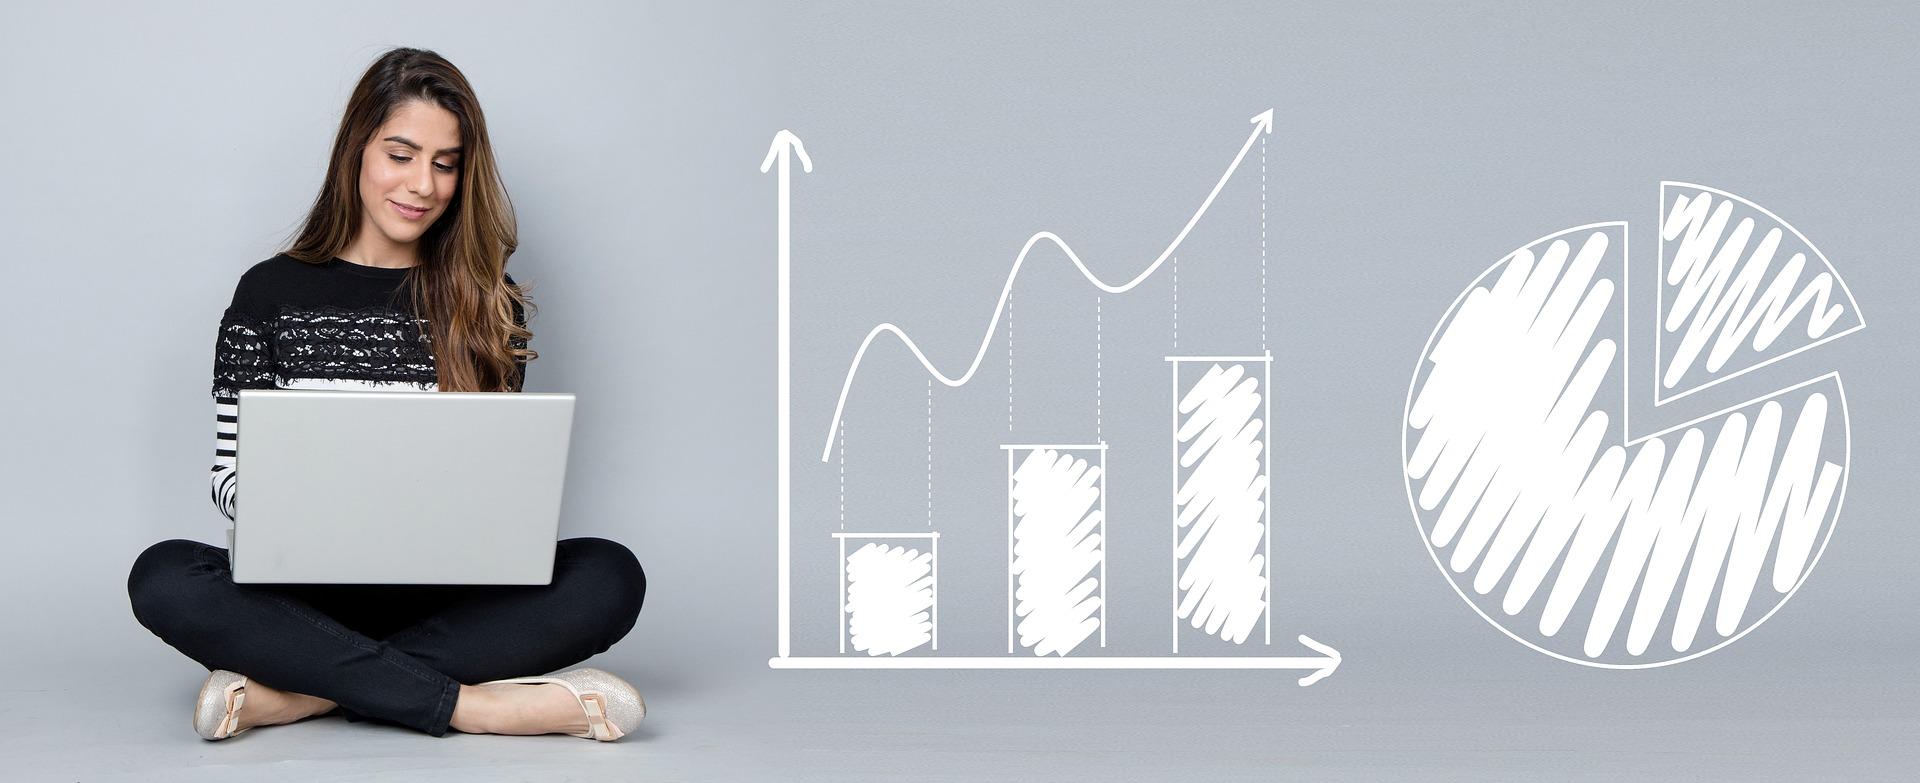 Anaxco Blog Beitrag Bild Analytics IT-Services IT-Lösungen Cloud Digitalisierung Datensicherheit Logistik-IT